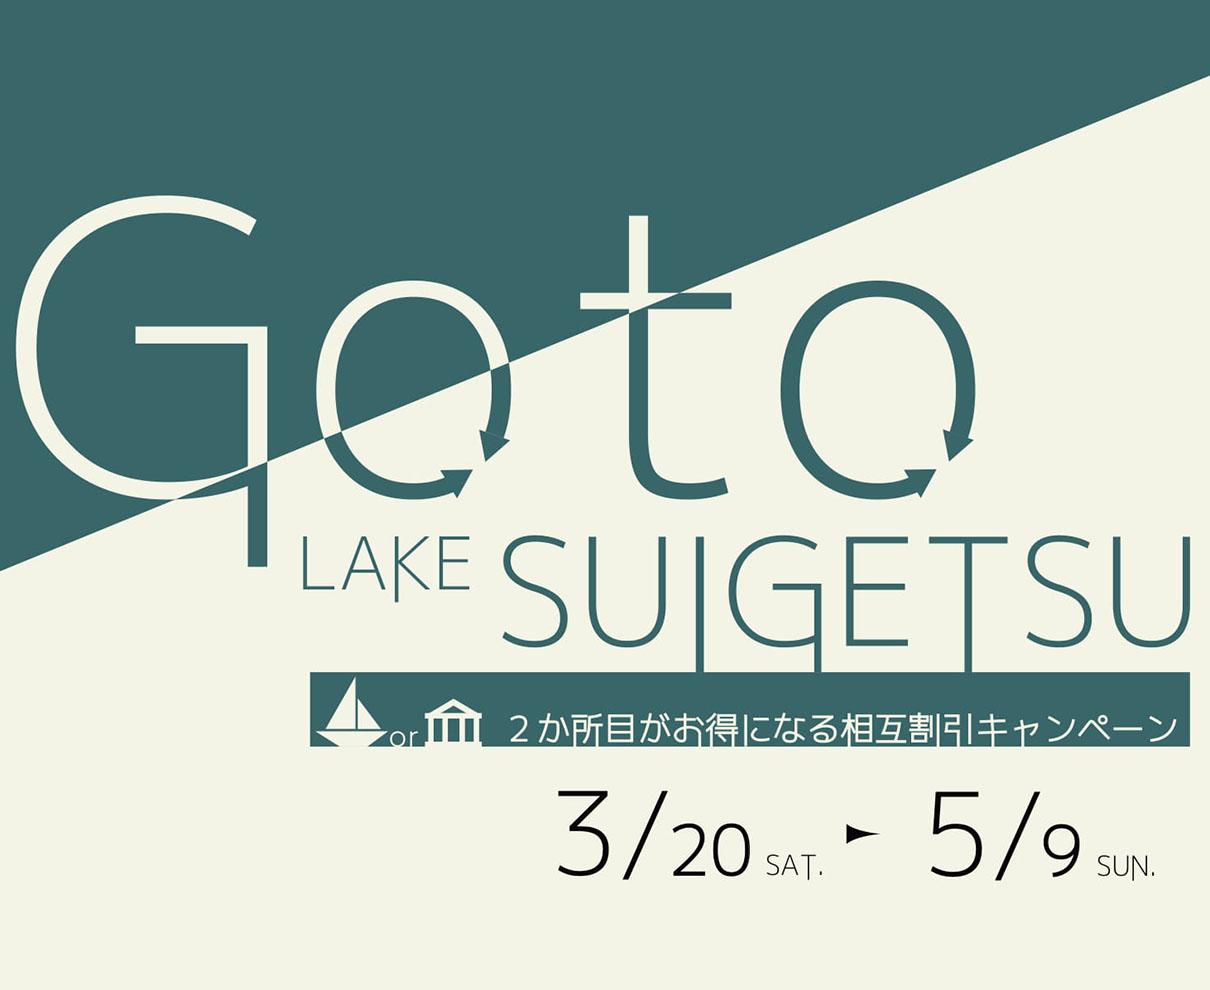 三方五湖をお得に満喫「Go to Lake Suigetsu」キャンペーン開催中!